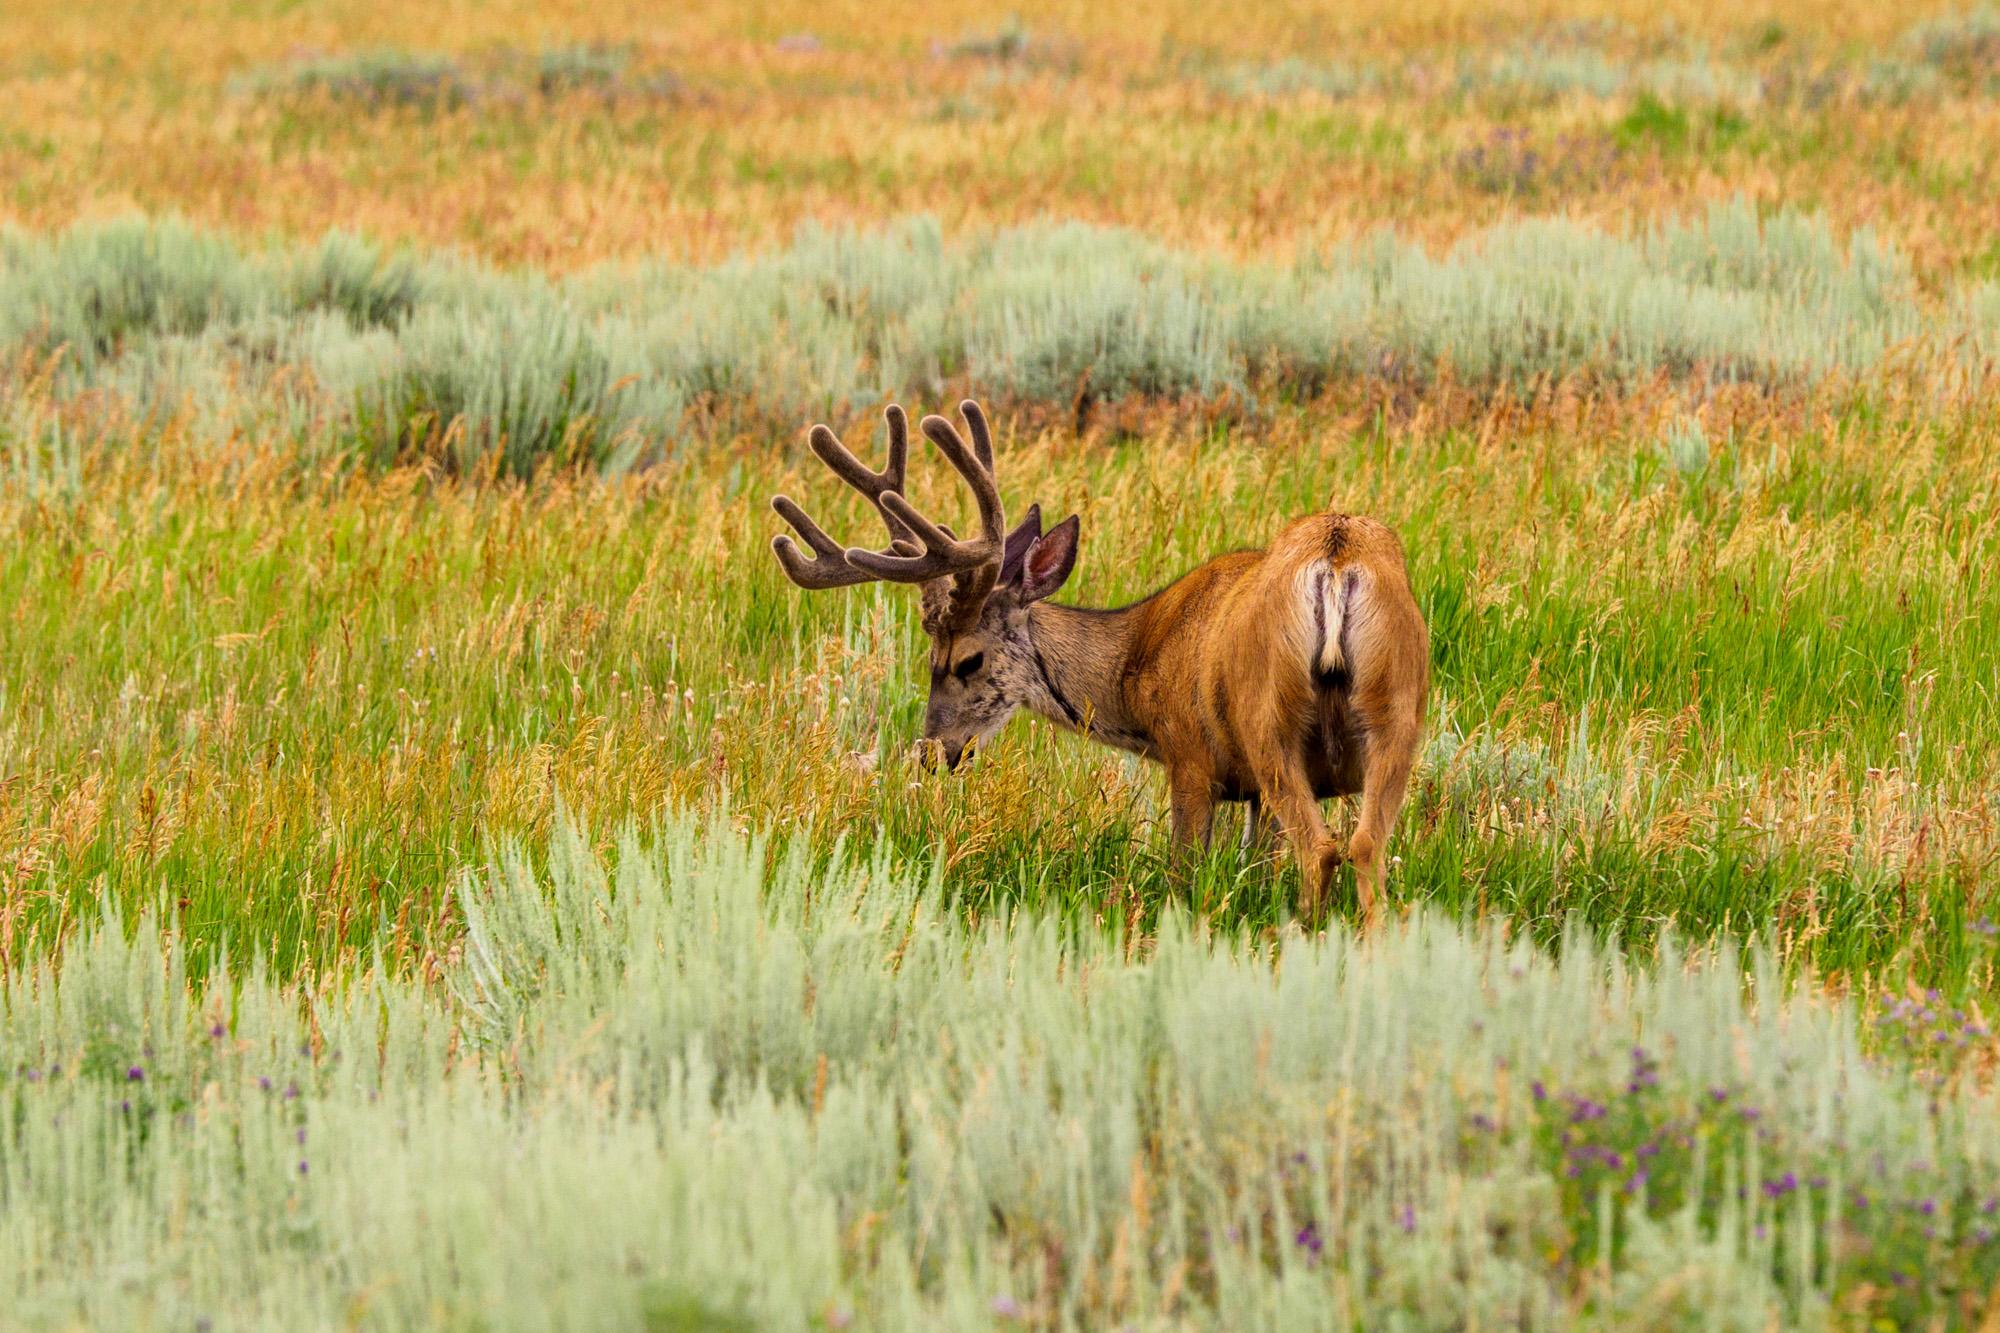 Grand Teton Nationalpark - Junghirsch in der Jackson-Hole-Ebene